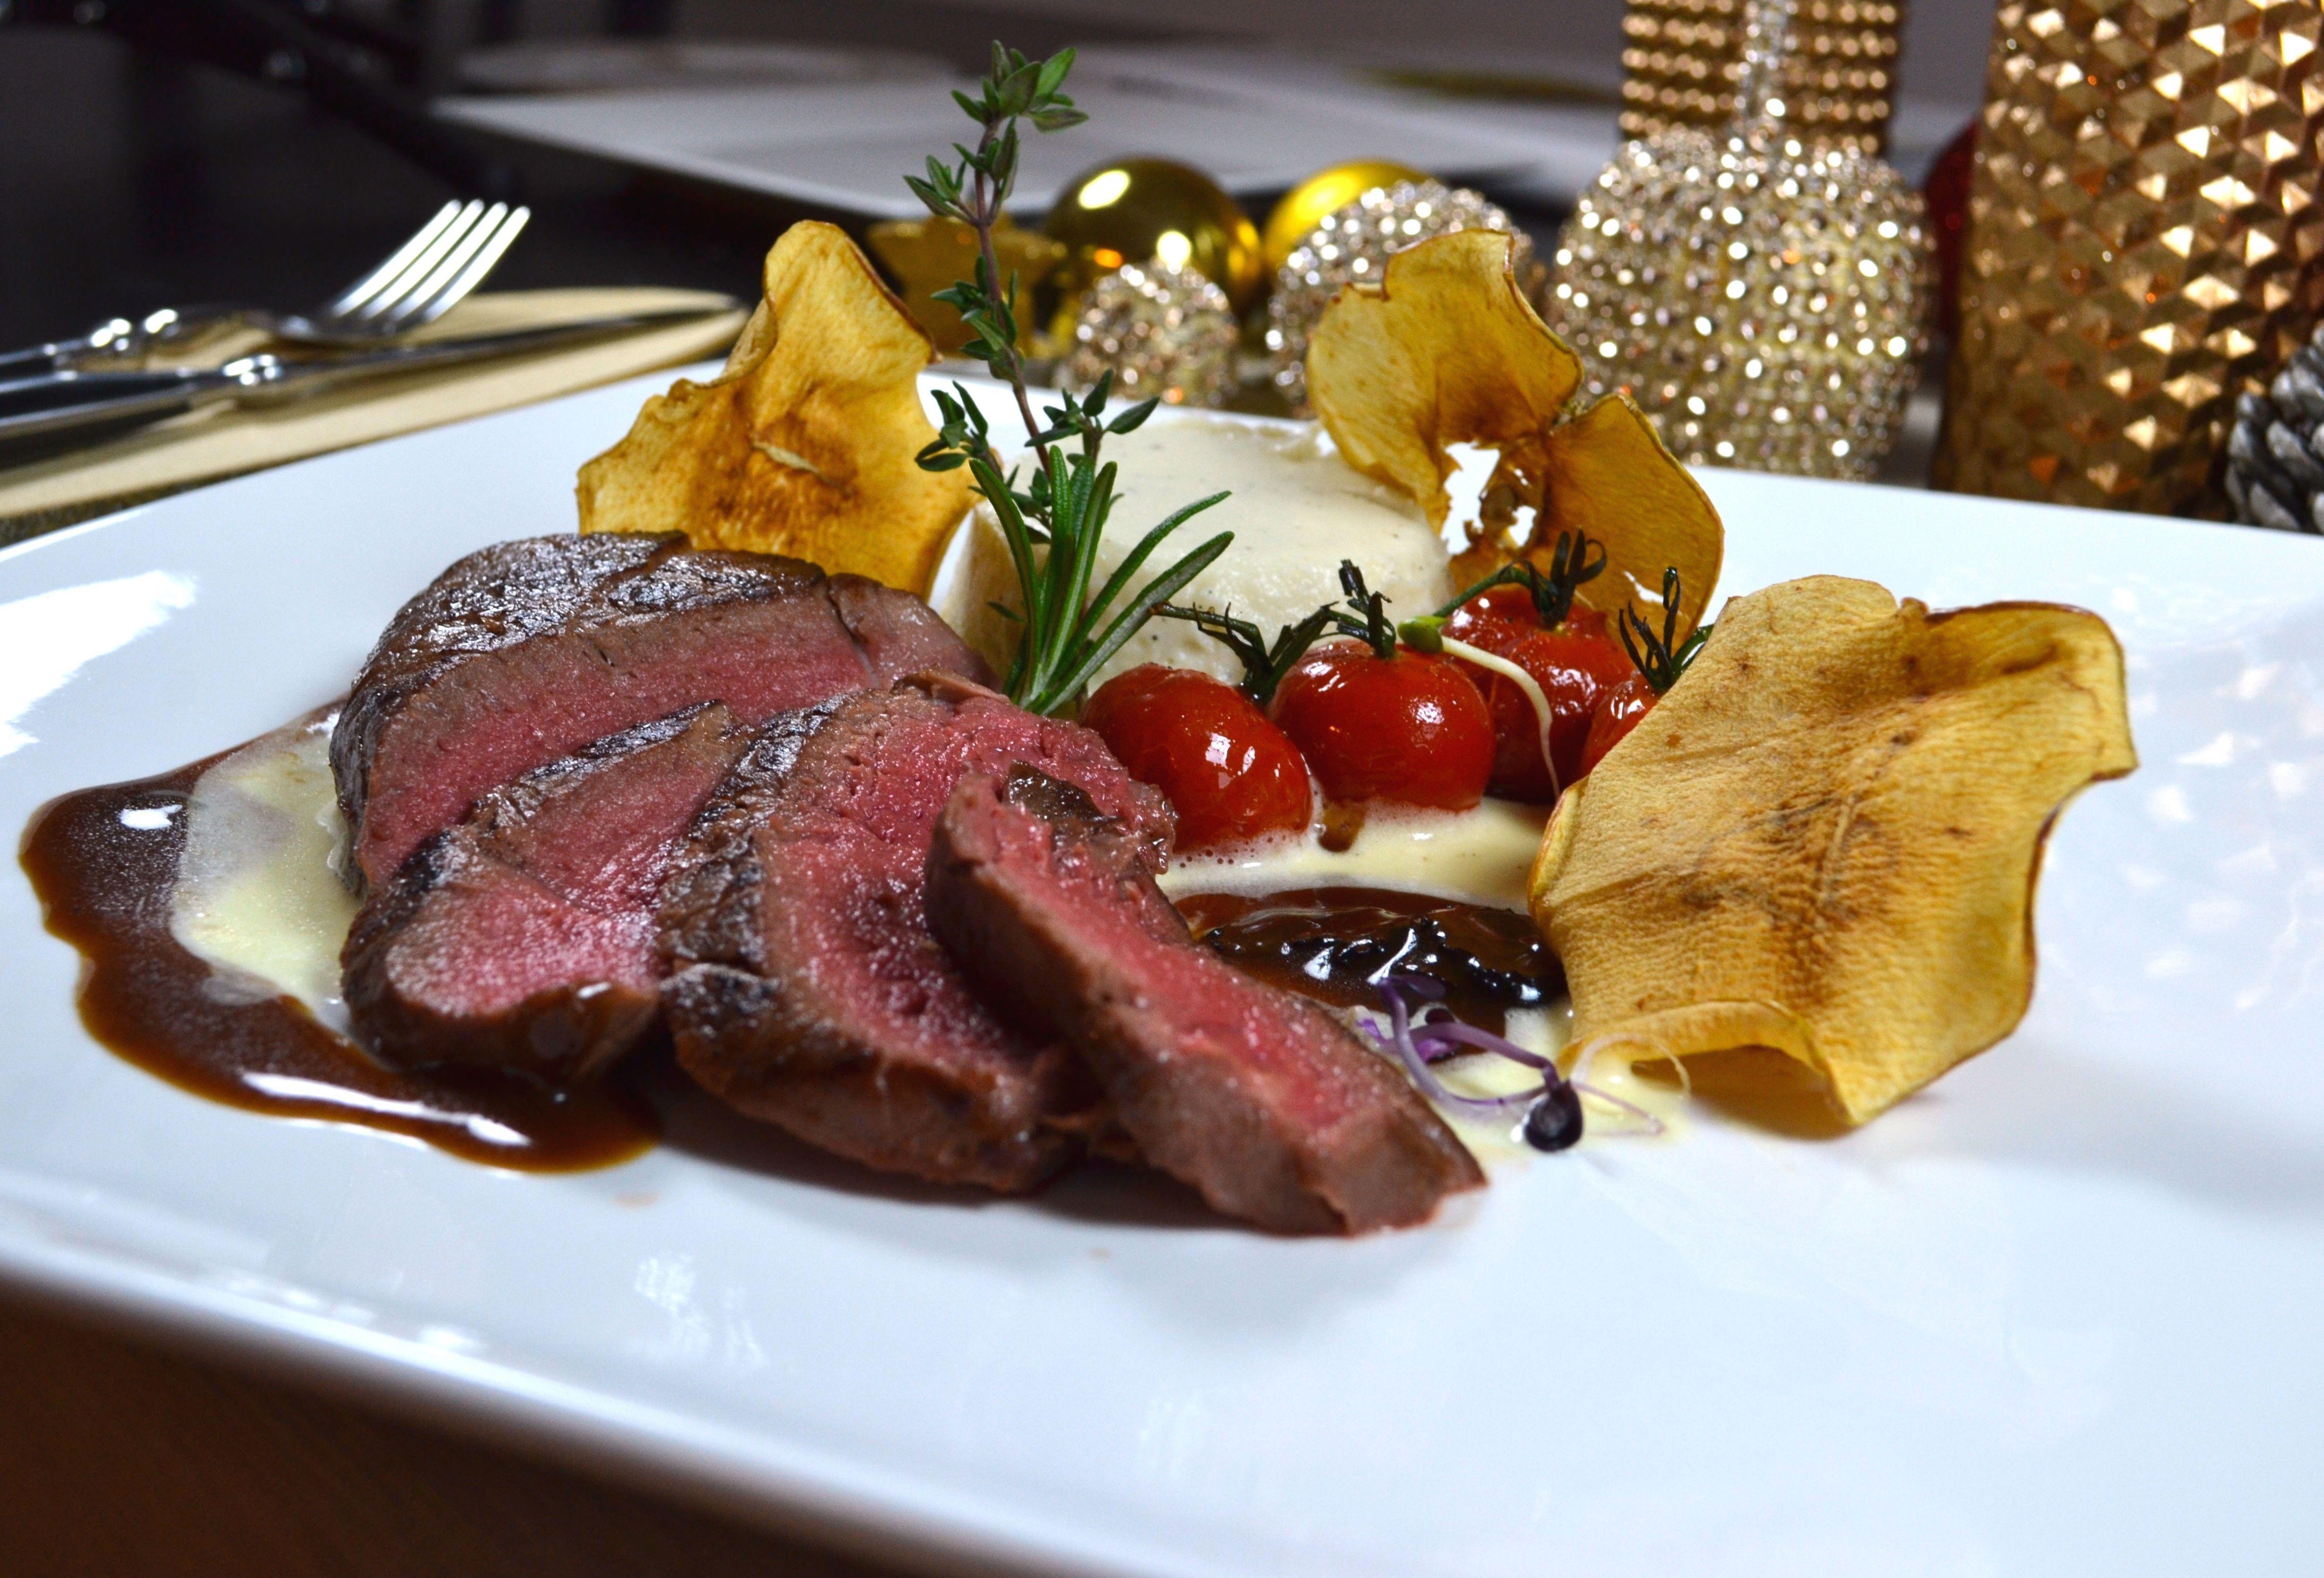 Weihnachtsessen Fleisch.Die Besten Weihnachtsmenüs